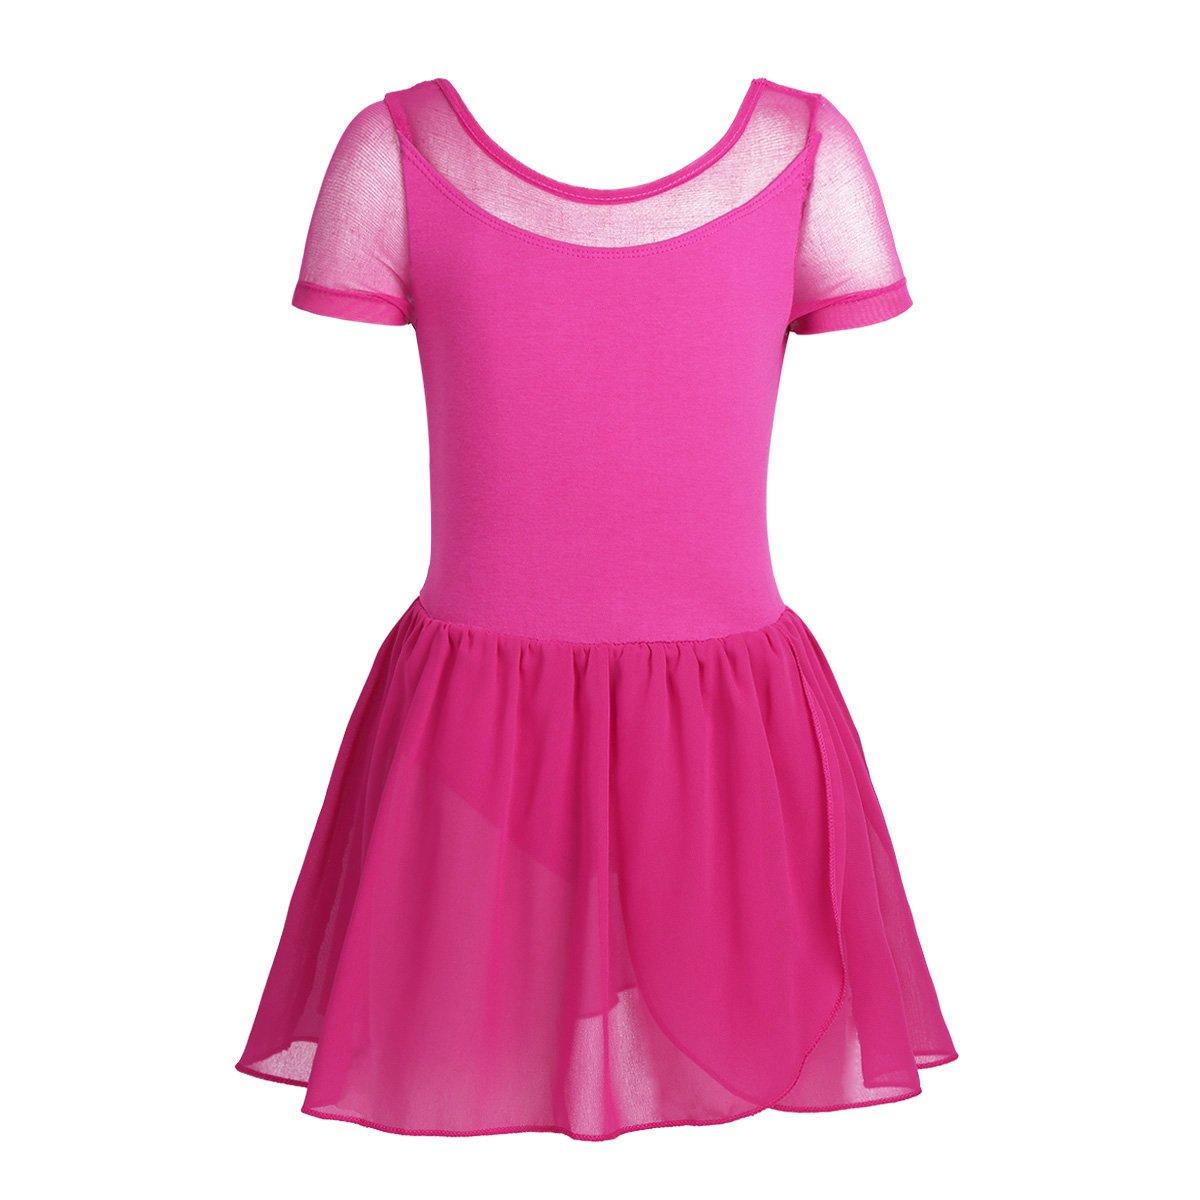 dPois Girls Mesh Short Sleeves Sweat-Absorbent Ballet Dance Leotard Ruffled Chiffon Skirt Dress